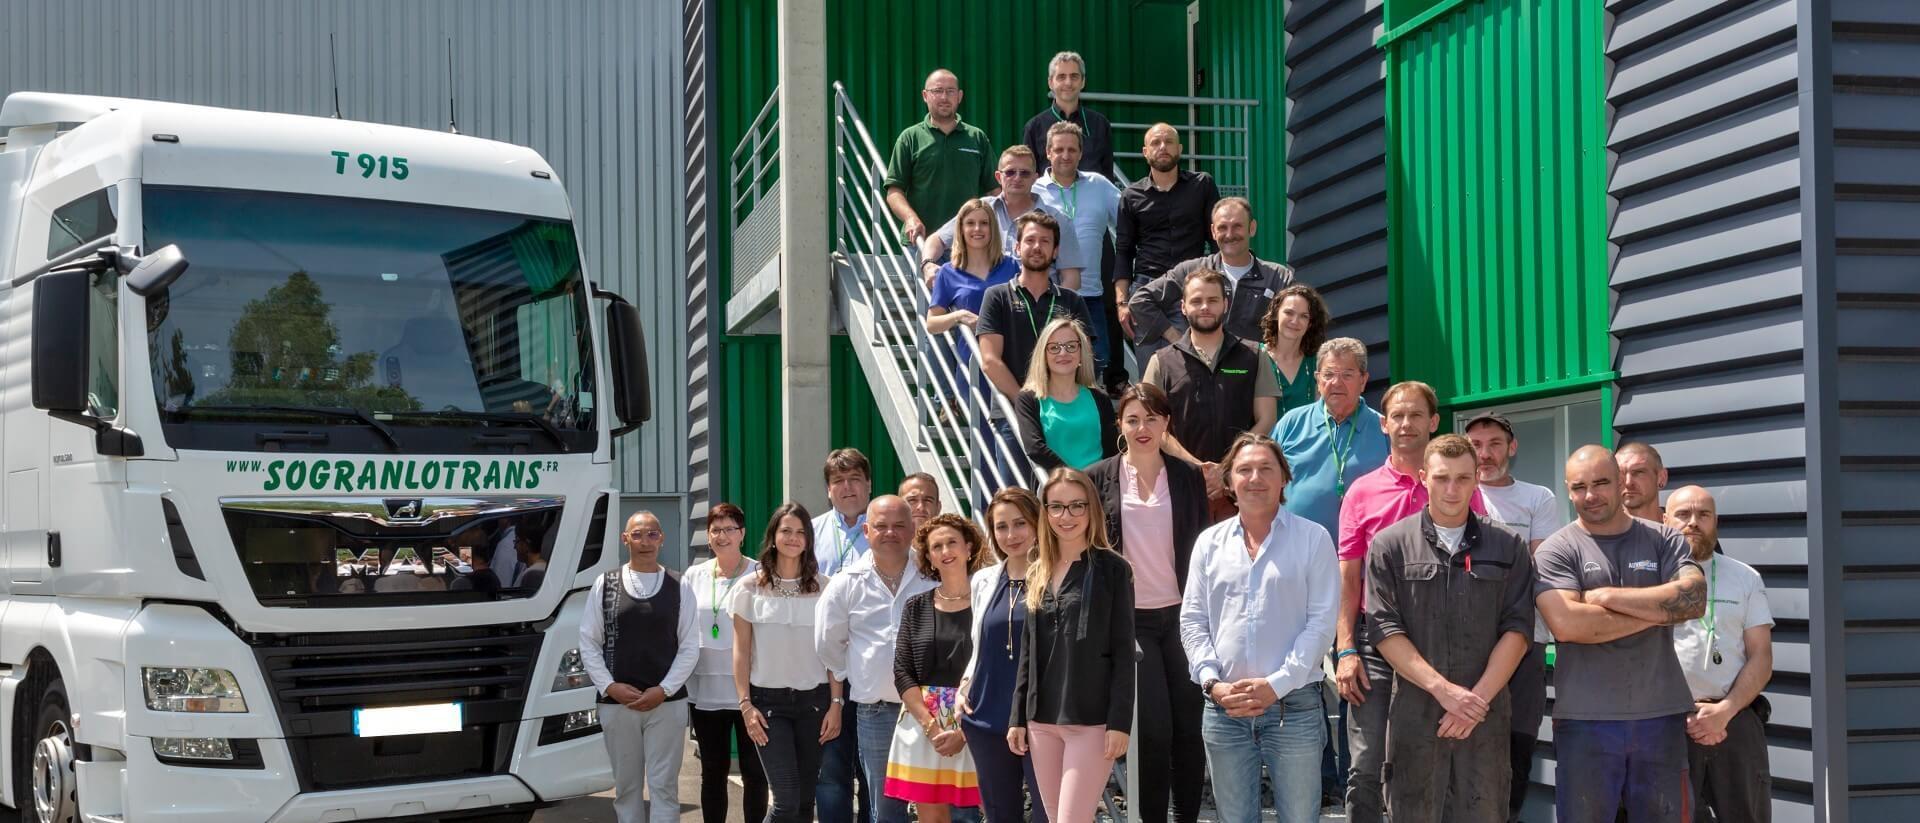 Sogranlotrans-equipe-transport-logistique-st-etienne